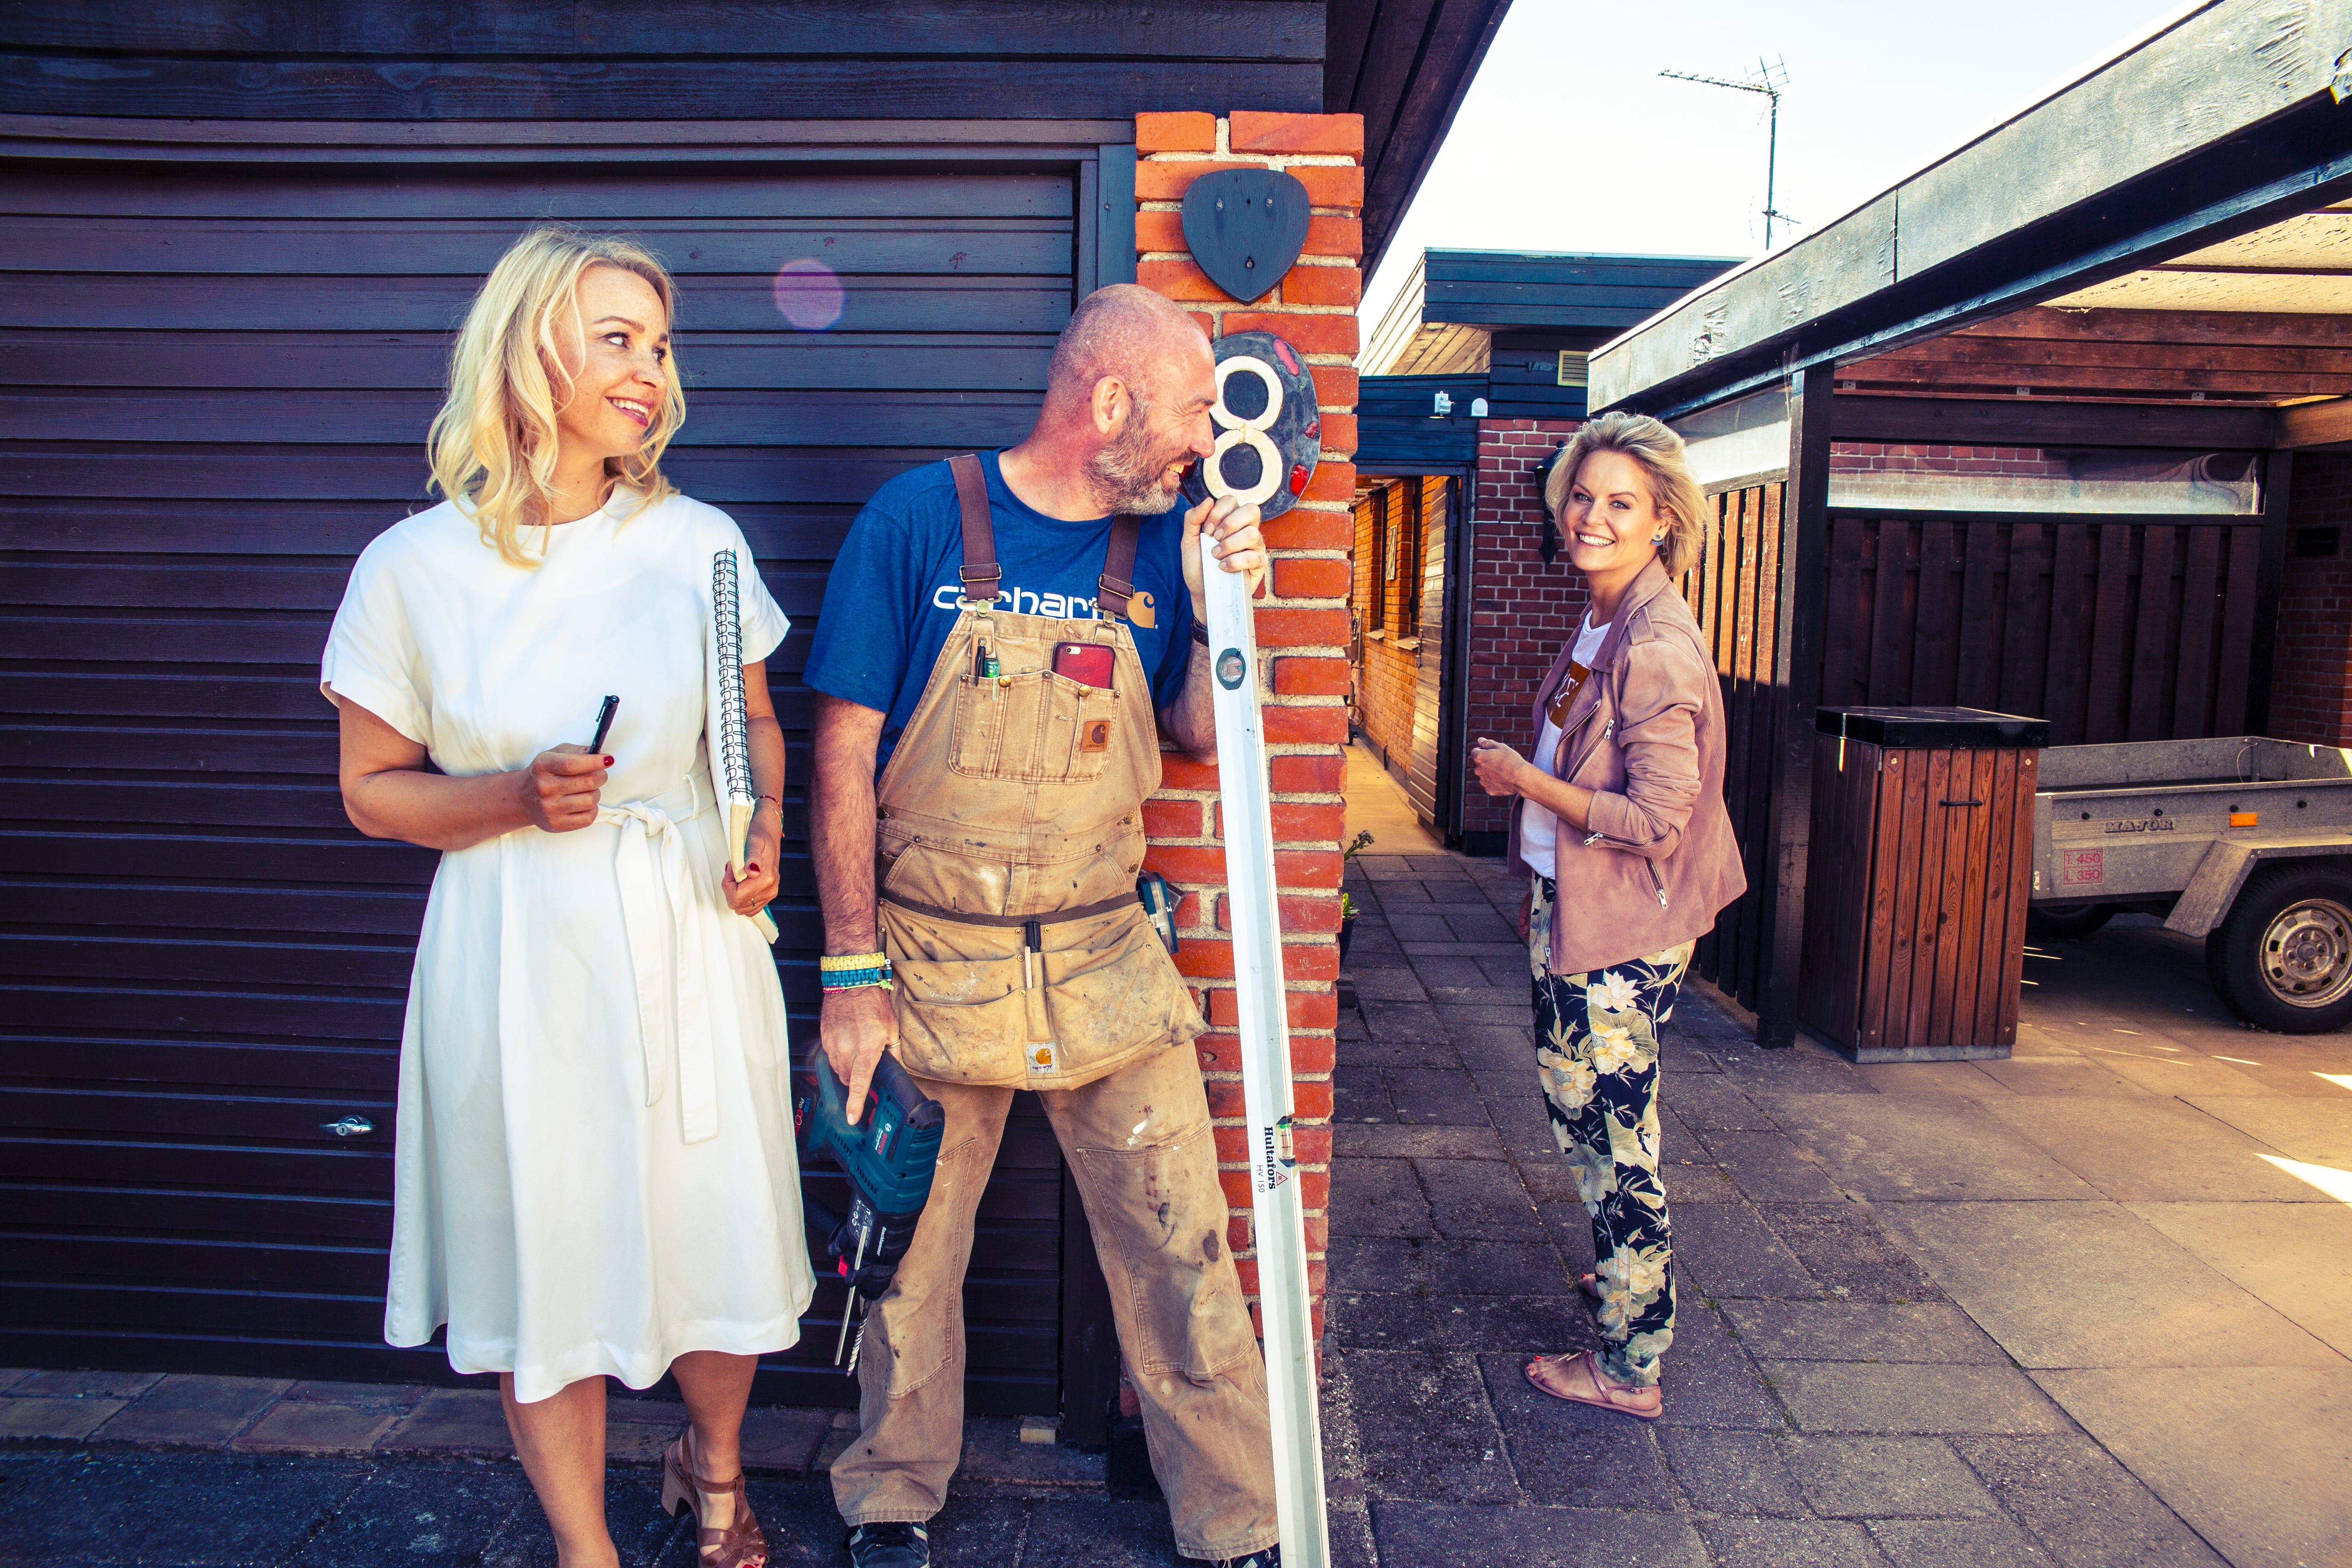 Nyt boligprogram på TV2 – Se de utrolige make-overs